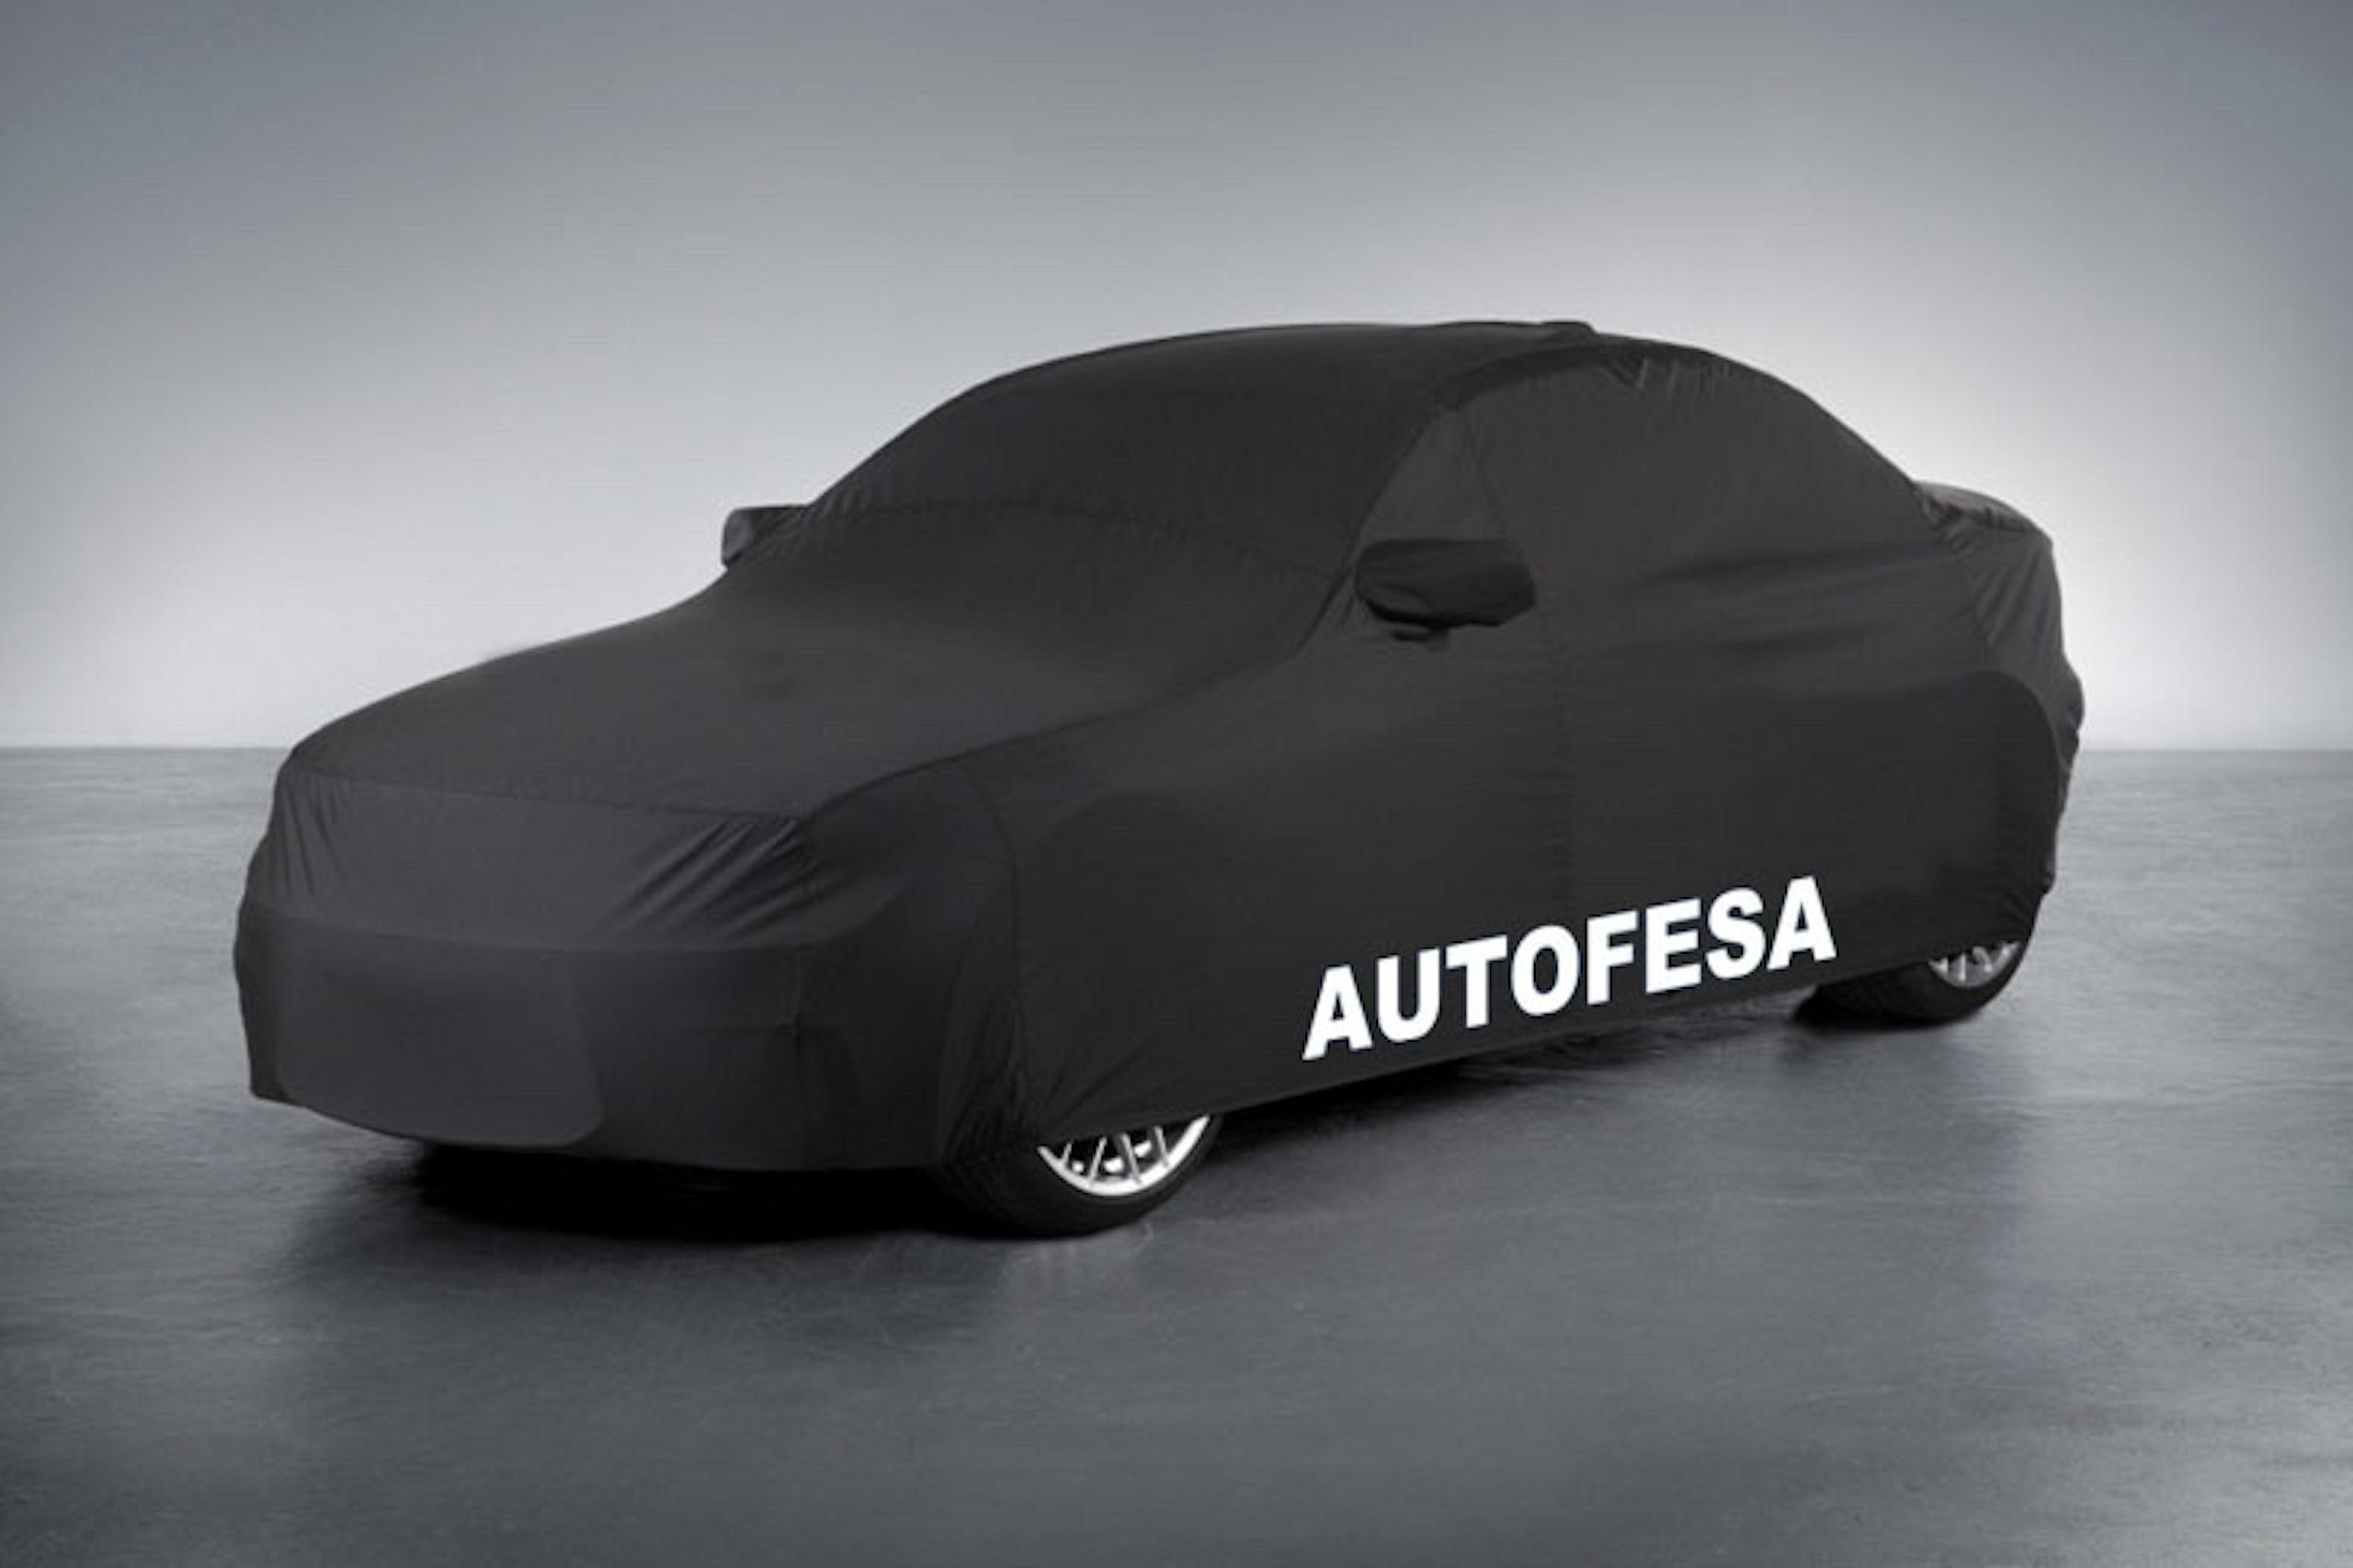 Audi A6 3.0 TDI AVANT 272cv quattro 4p S tronic Auto S/S - Foto 18